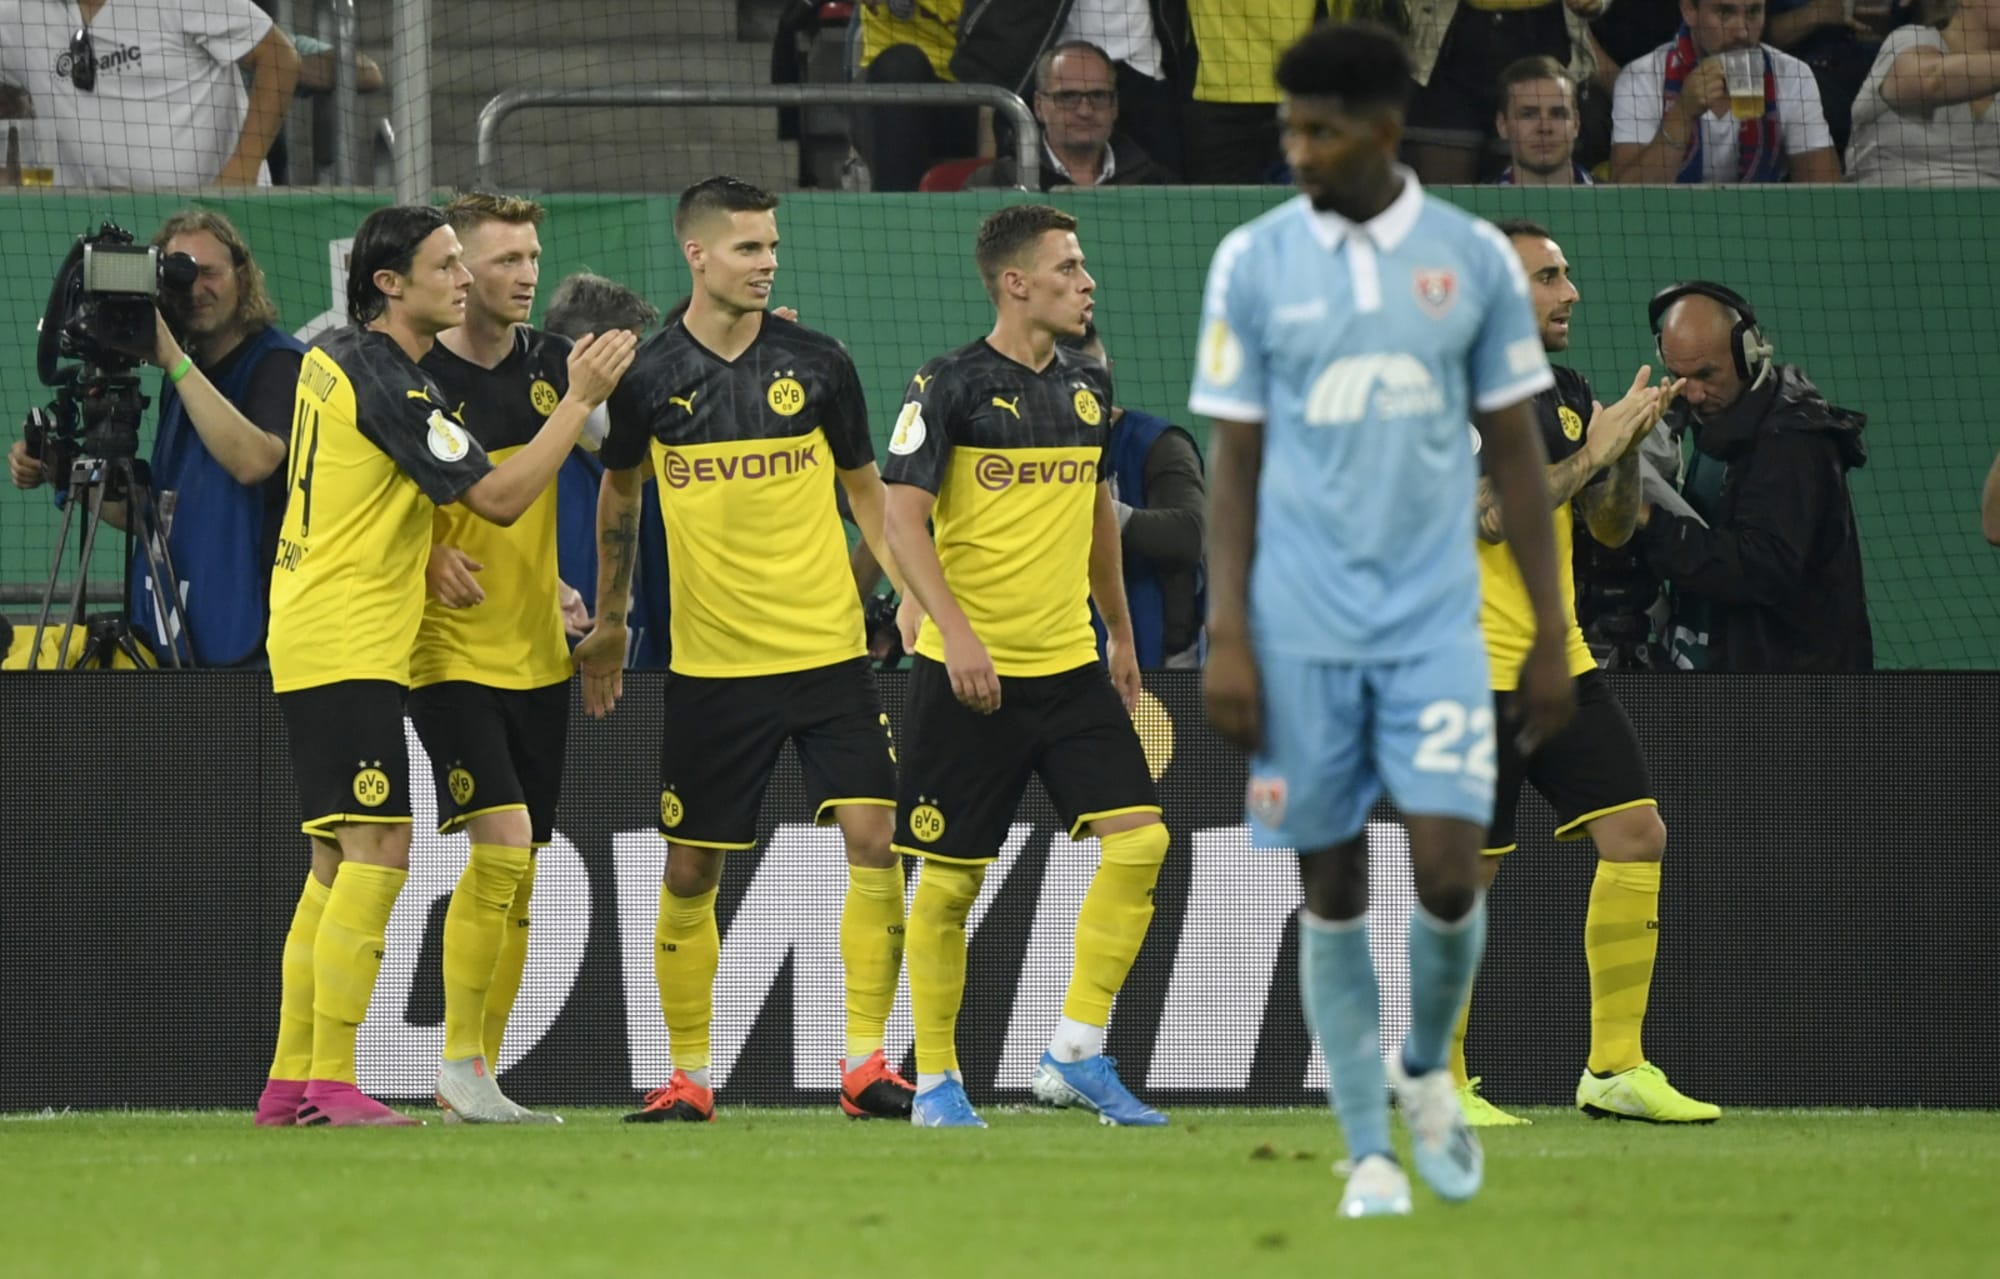 Pokal Uerdingen Dortmund